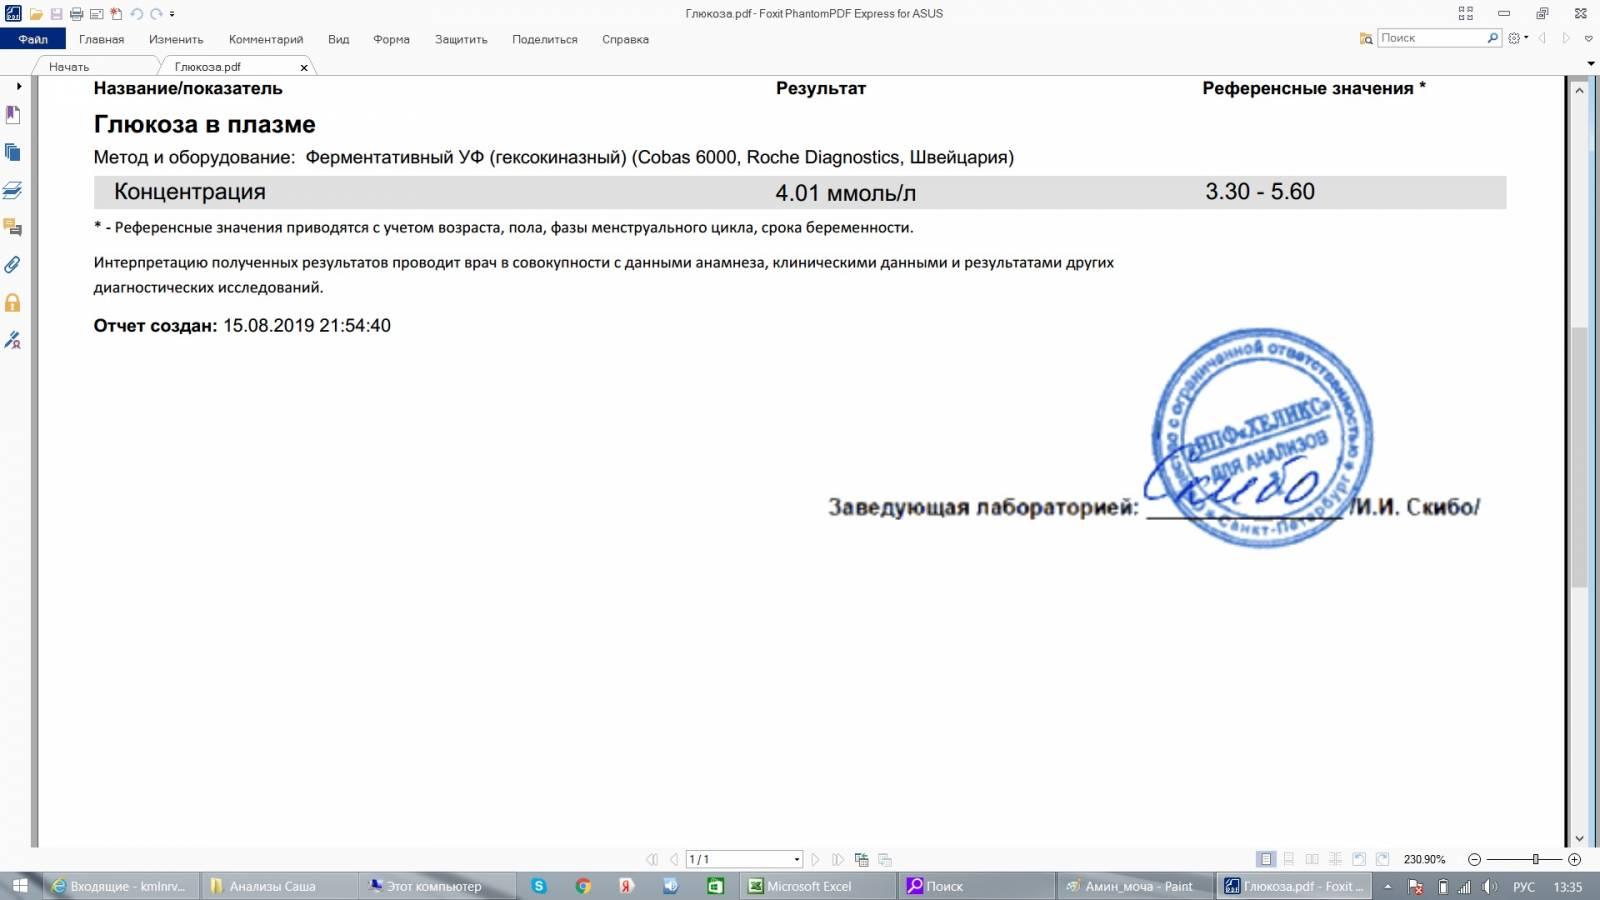 Сашенька 2014 6c4c1f11187c01e1dcc541a00b70e7d1558c01349391415